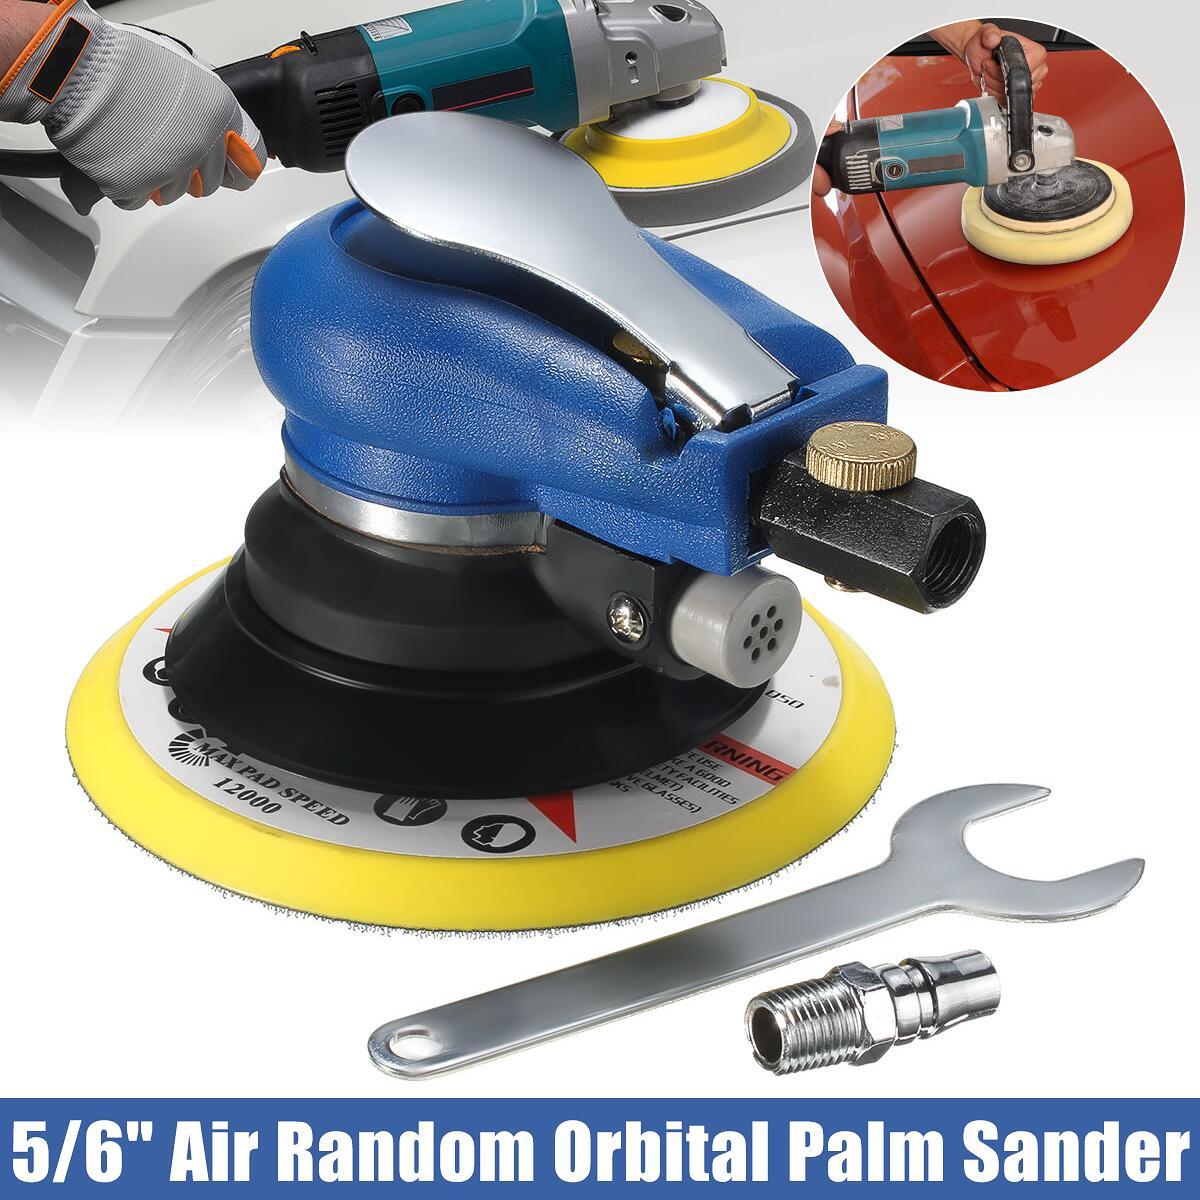 6 дюймов Air Palms орбитальный шлифовальный станок случайный для Palms Sander 150 мм Dualable действие Авто тело орбита да шлифовальный ручной шлифовальны...